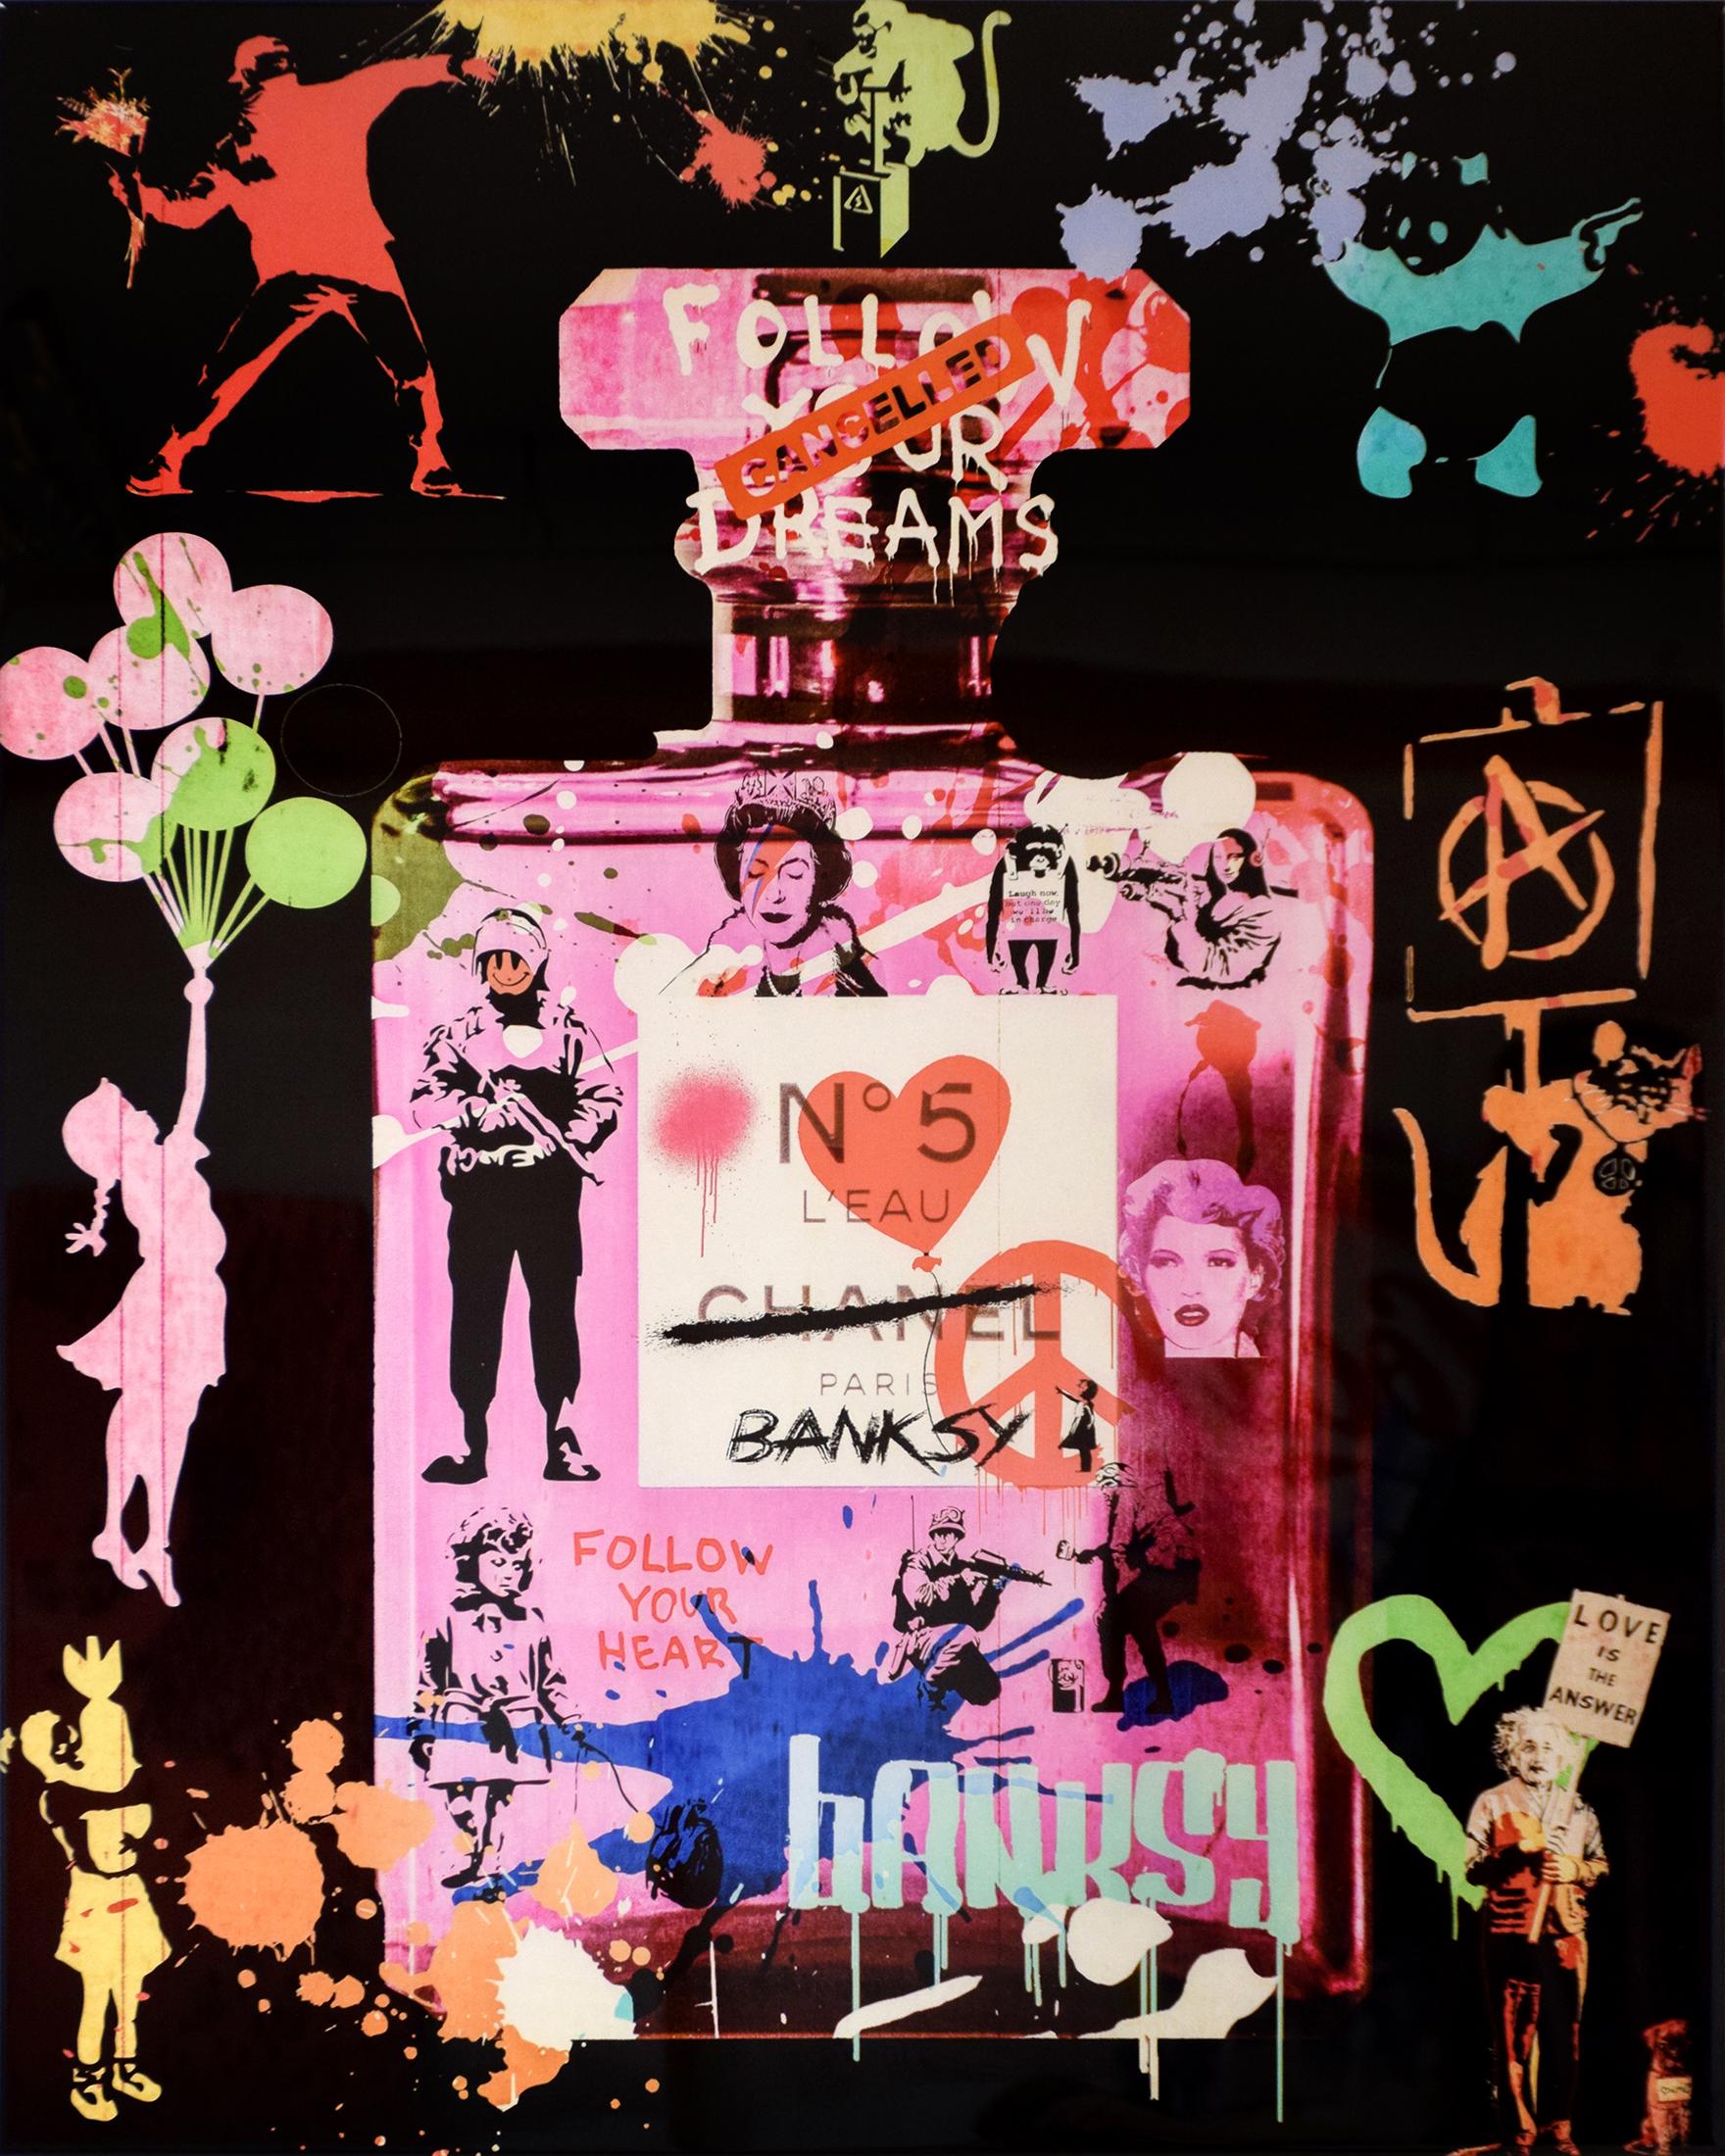 Diederik - Coco Banksy , 4504-016-292